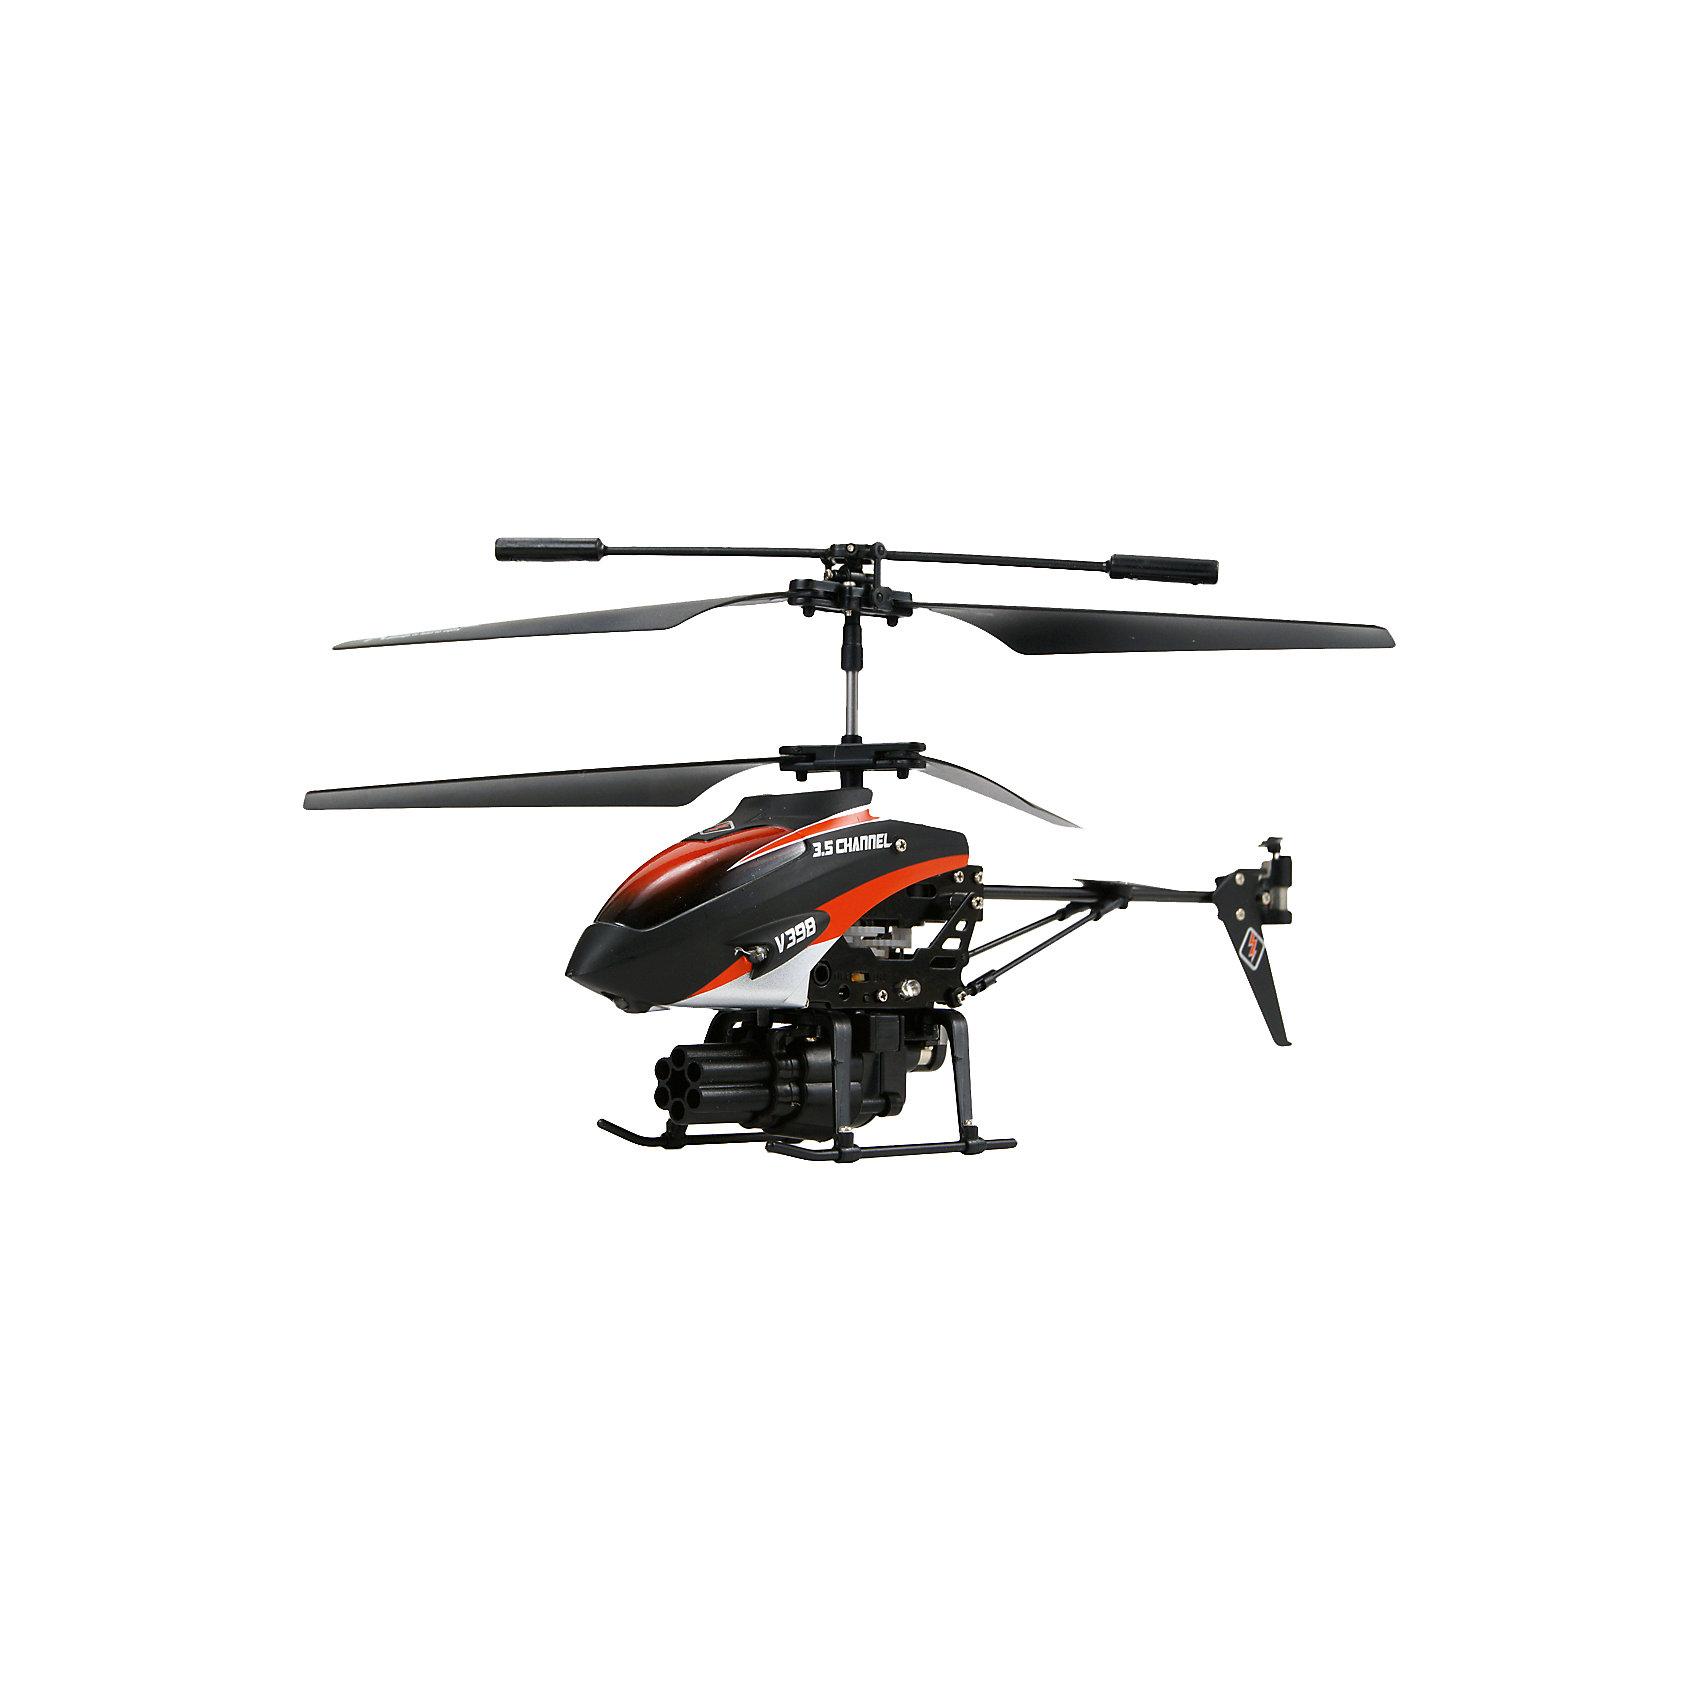 Радиоуправляемый вертолет, 3,5 канала, с гироскопом, с функцией запуска ракет, ABtoysСамолёты и вертолёты<br>Вертолет р/у 3,5 канала, с гироскопом, с функцией запуска ракет, в коробке, 33,5х9х28,5см<br><br>Ширина мм: 335<br>Глубина мм: 90<br>Высота мм: 285<br>Вес г: 611<br>Возраст от месяцев: 36<br>Возраст до месяцев: 192<br>Пол: Мужской<br>Возраст: Детский<br>SKU: 5500907